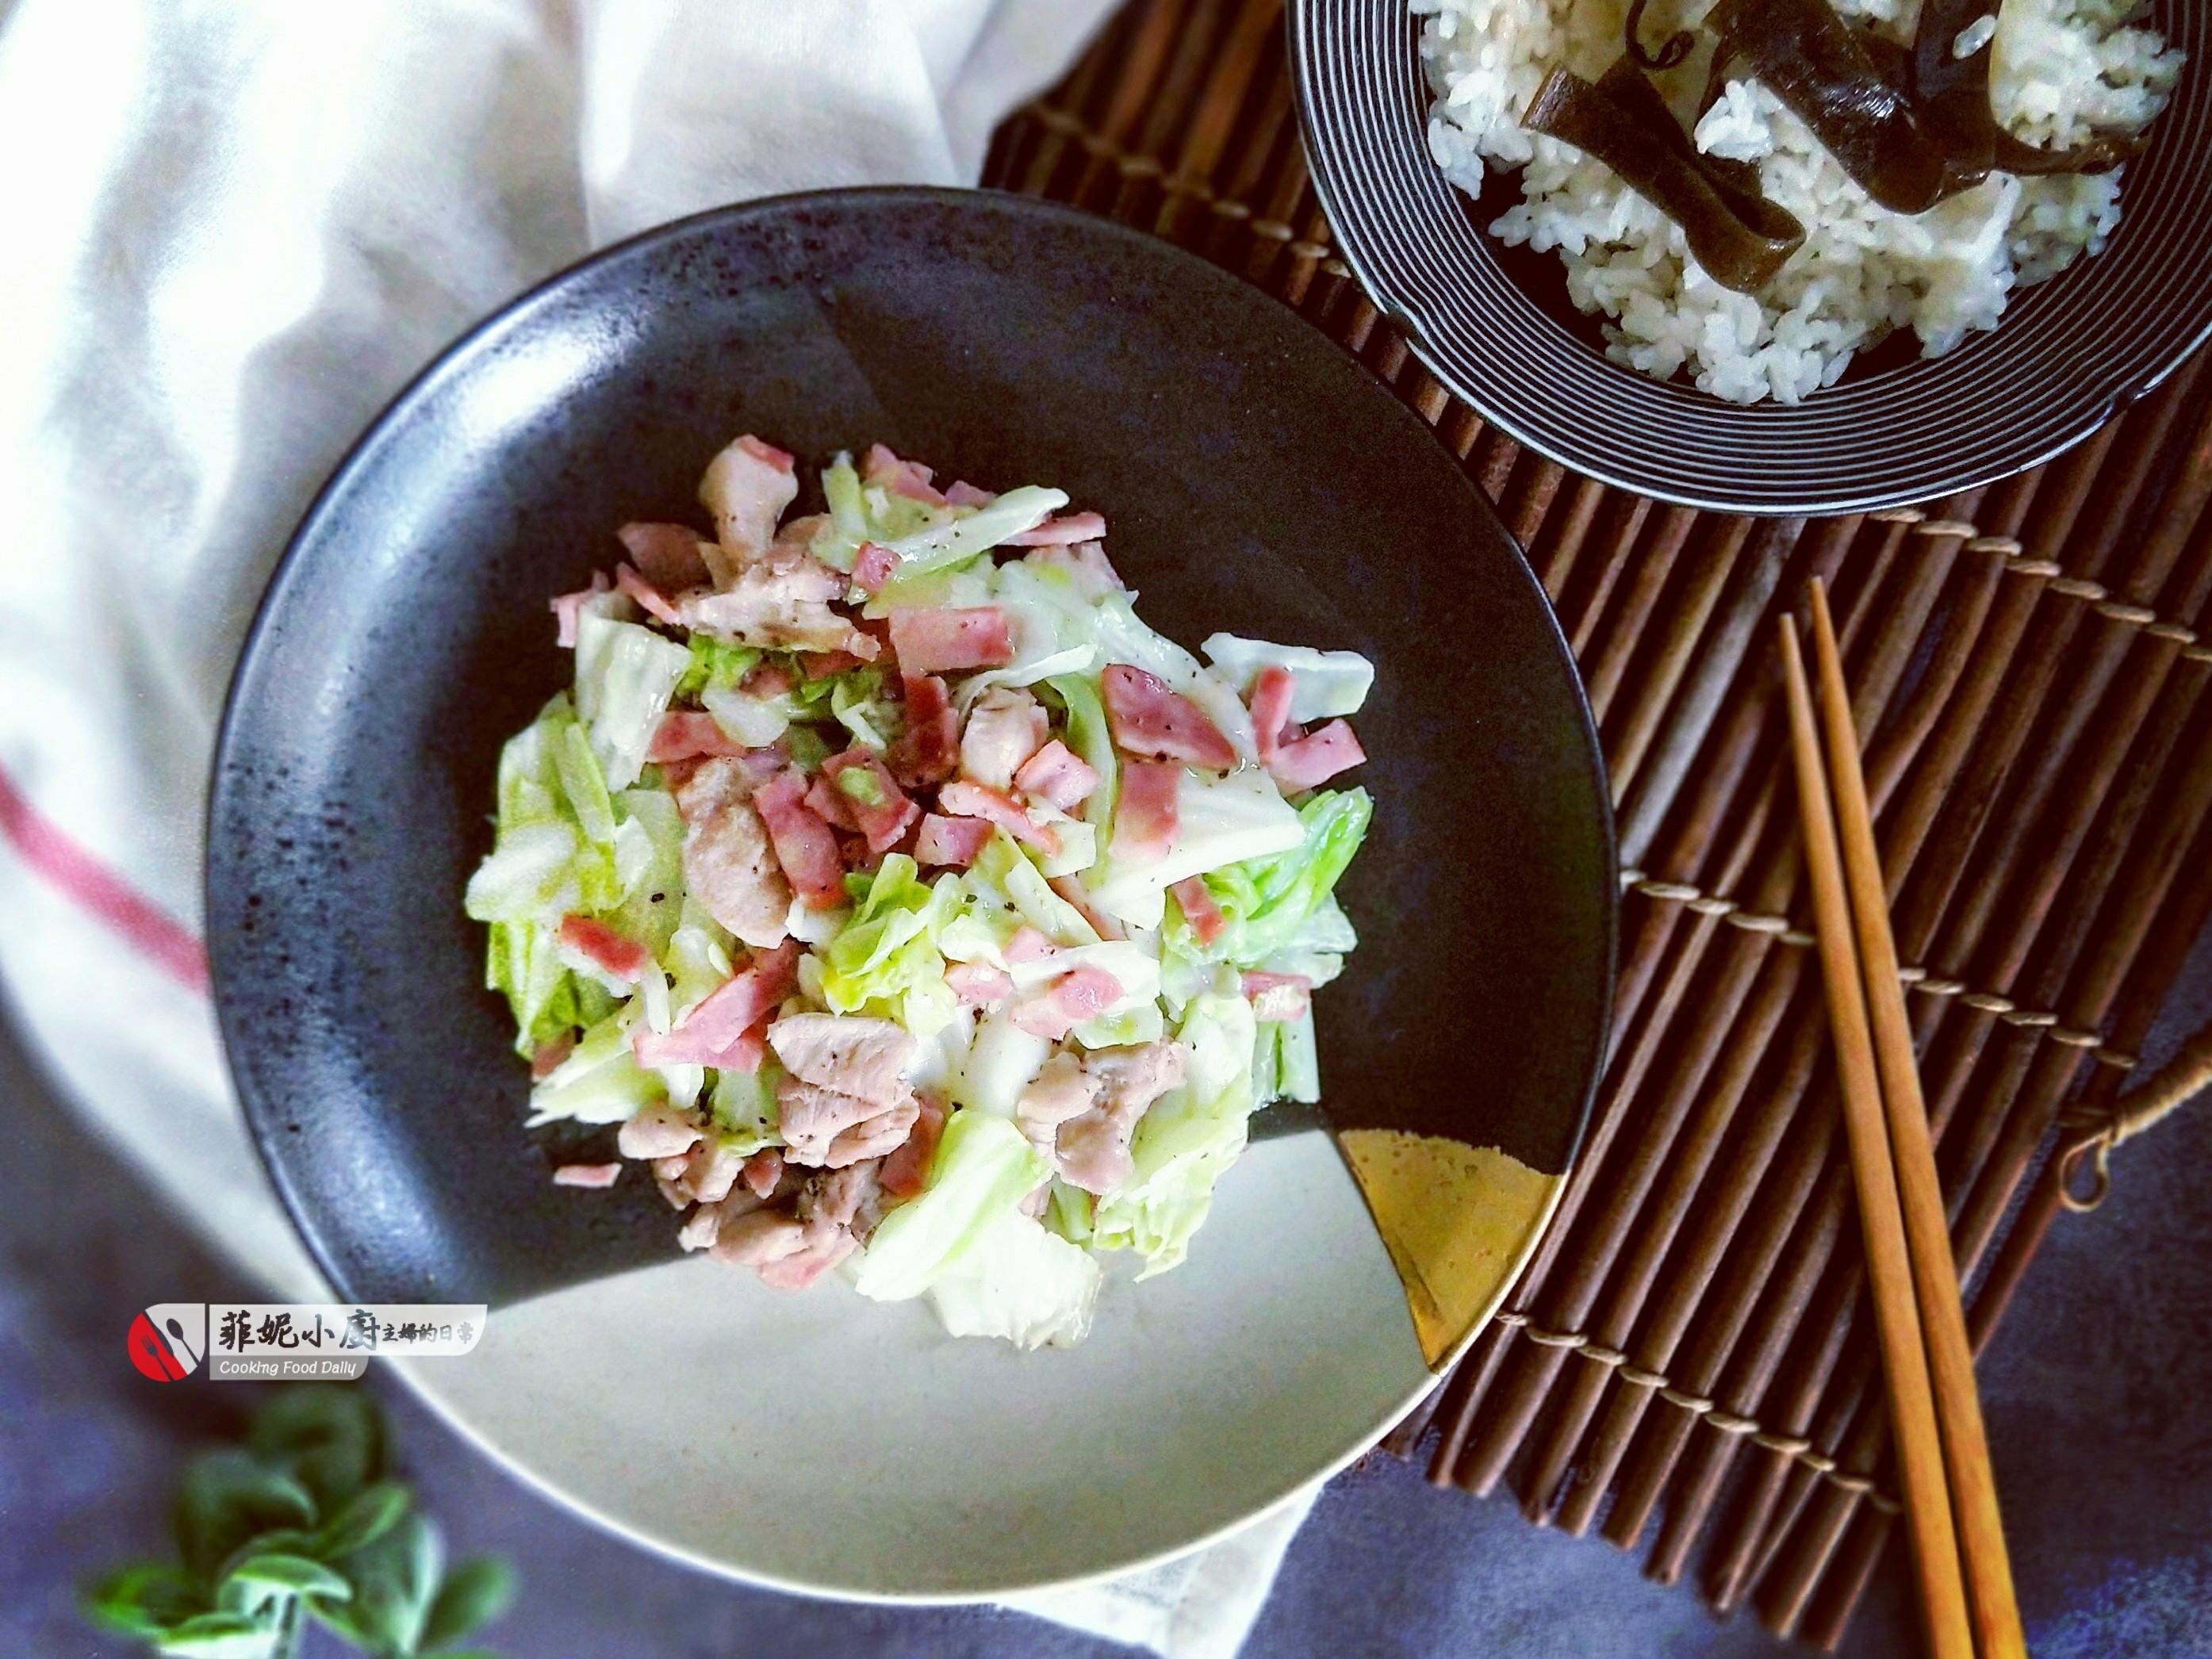 培根炒高麗菜雞肉